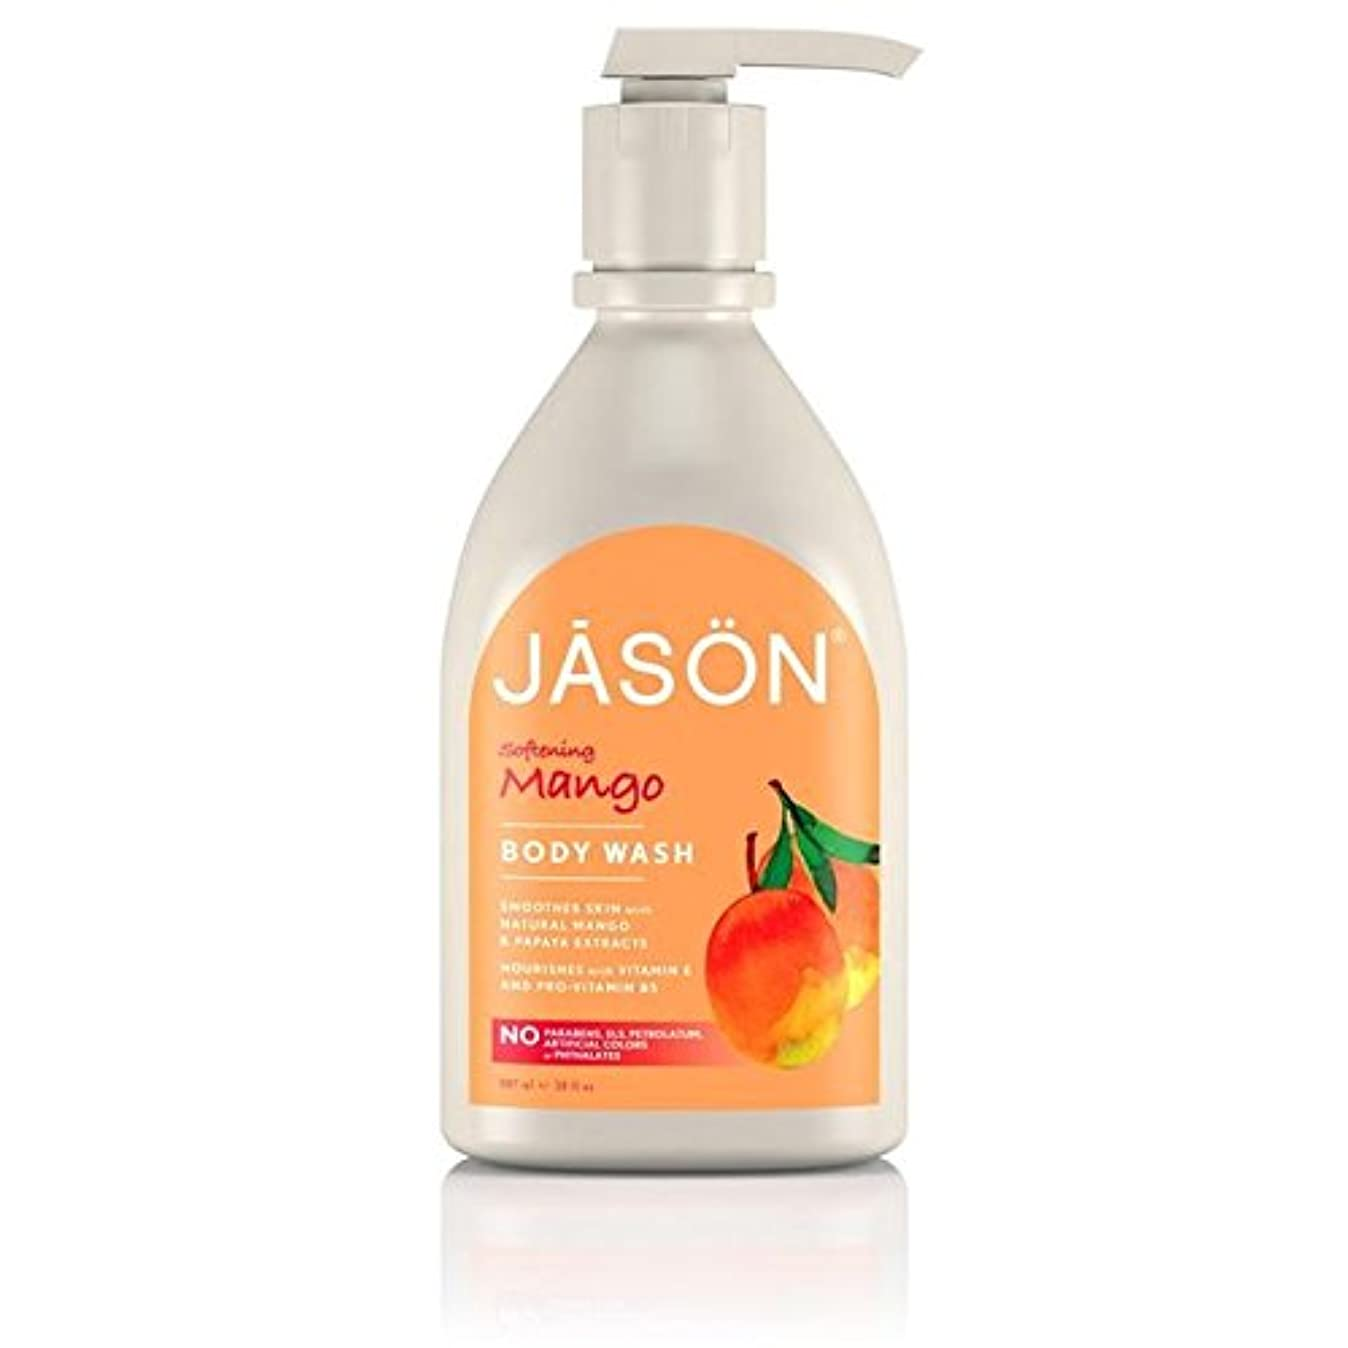 エスカレート敵迷彩Jason Mango Satin Body Wash Pump 900ml - ジェイソン?マンゴーサテンボディウォッシュポンプ900ミリリットル [並行輸入品]